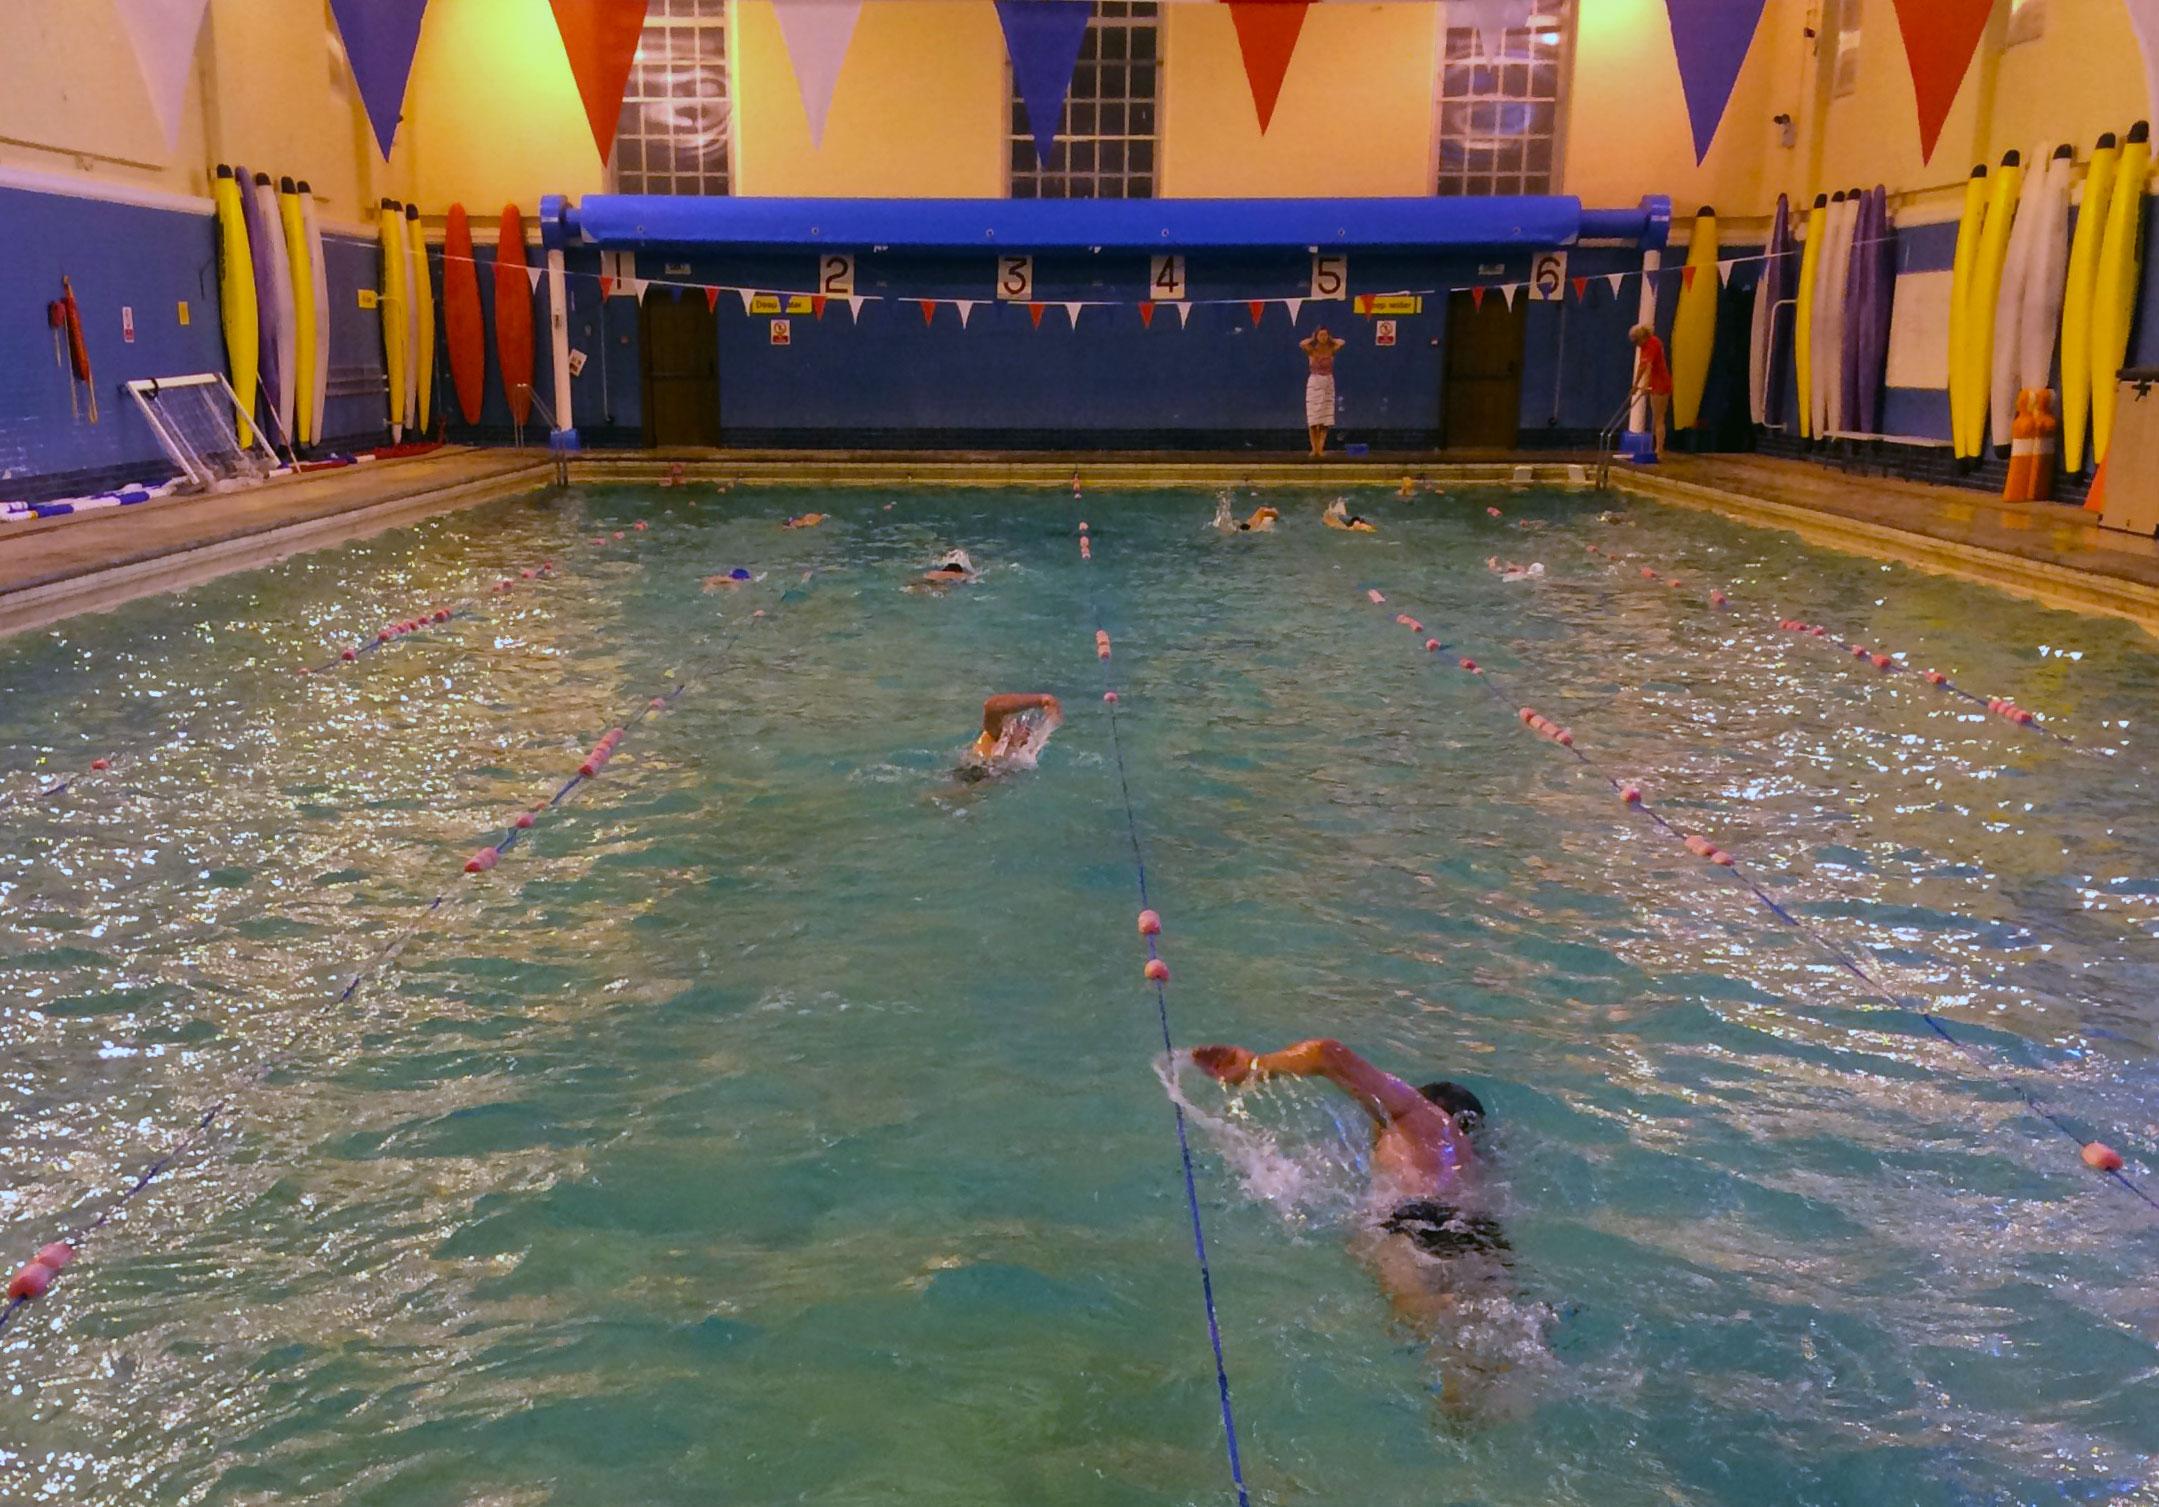 RHS Pool